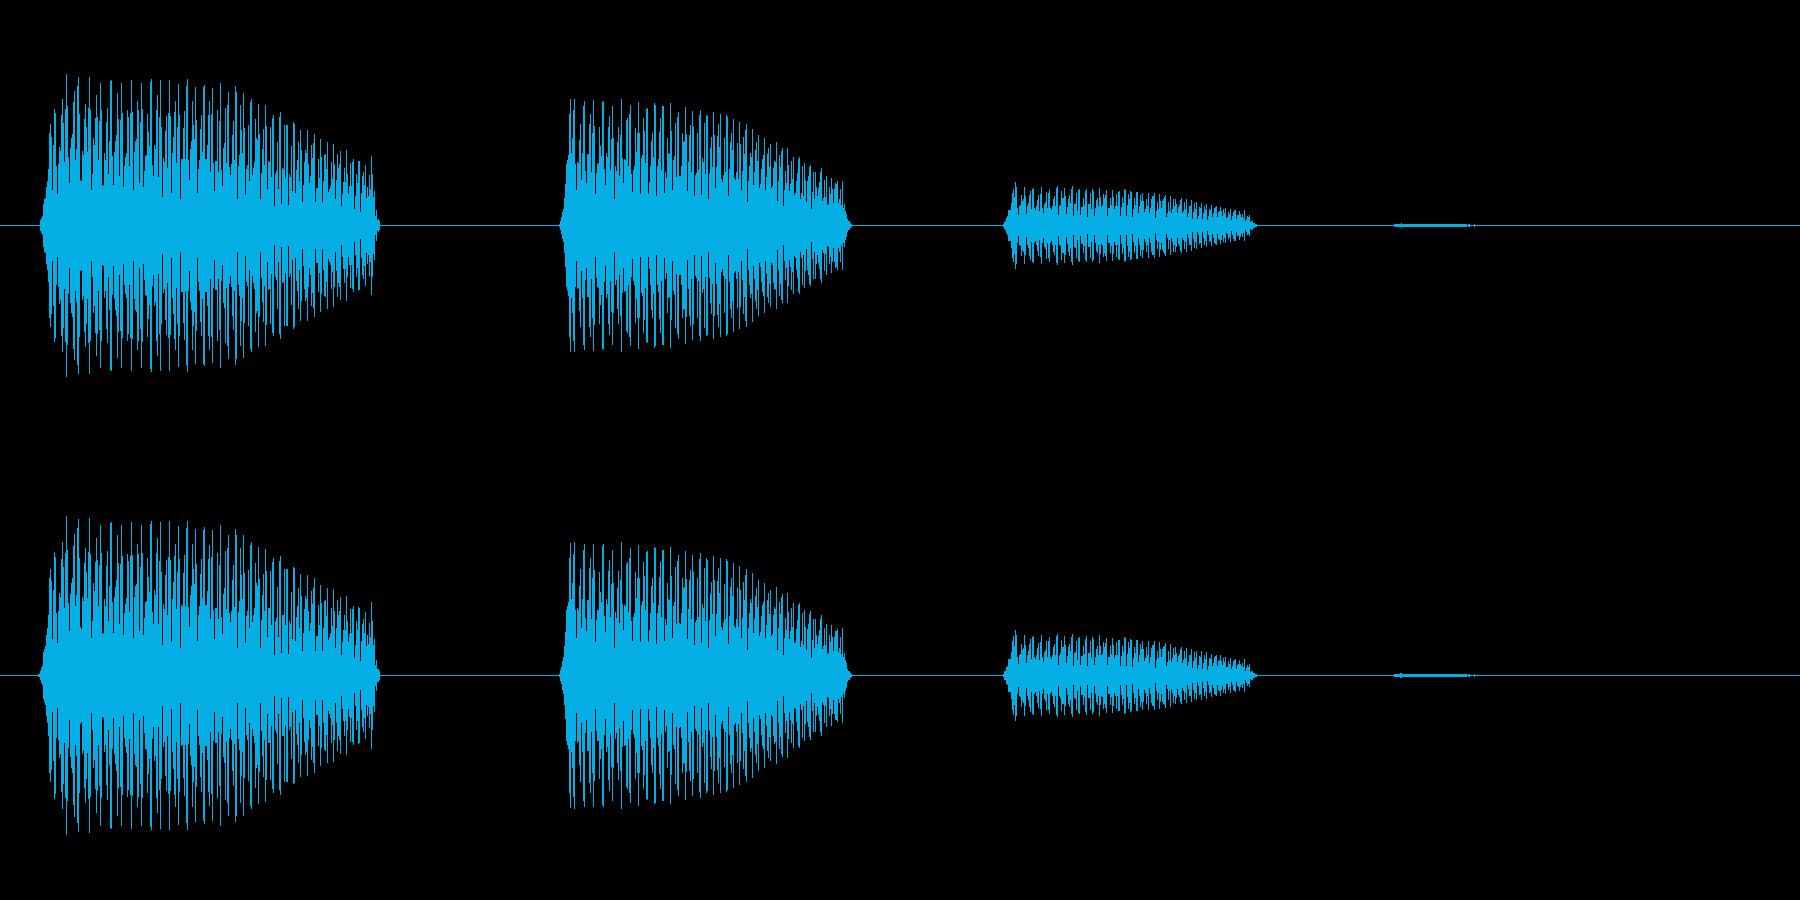 プェップェッ(かわいらしく軽快な決定音)の再生済みの波形